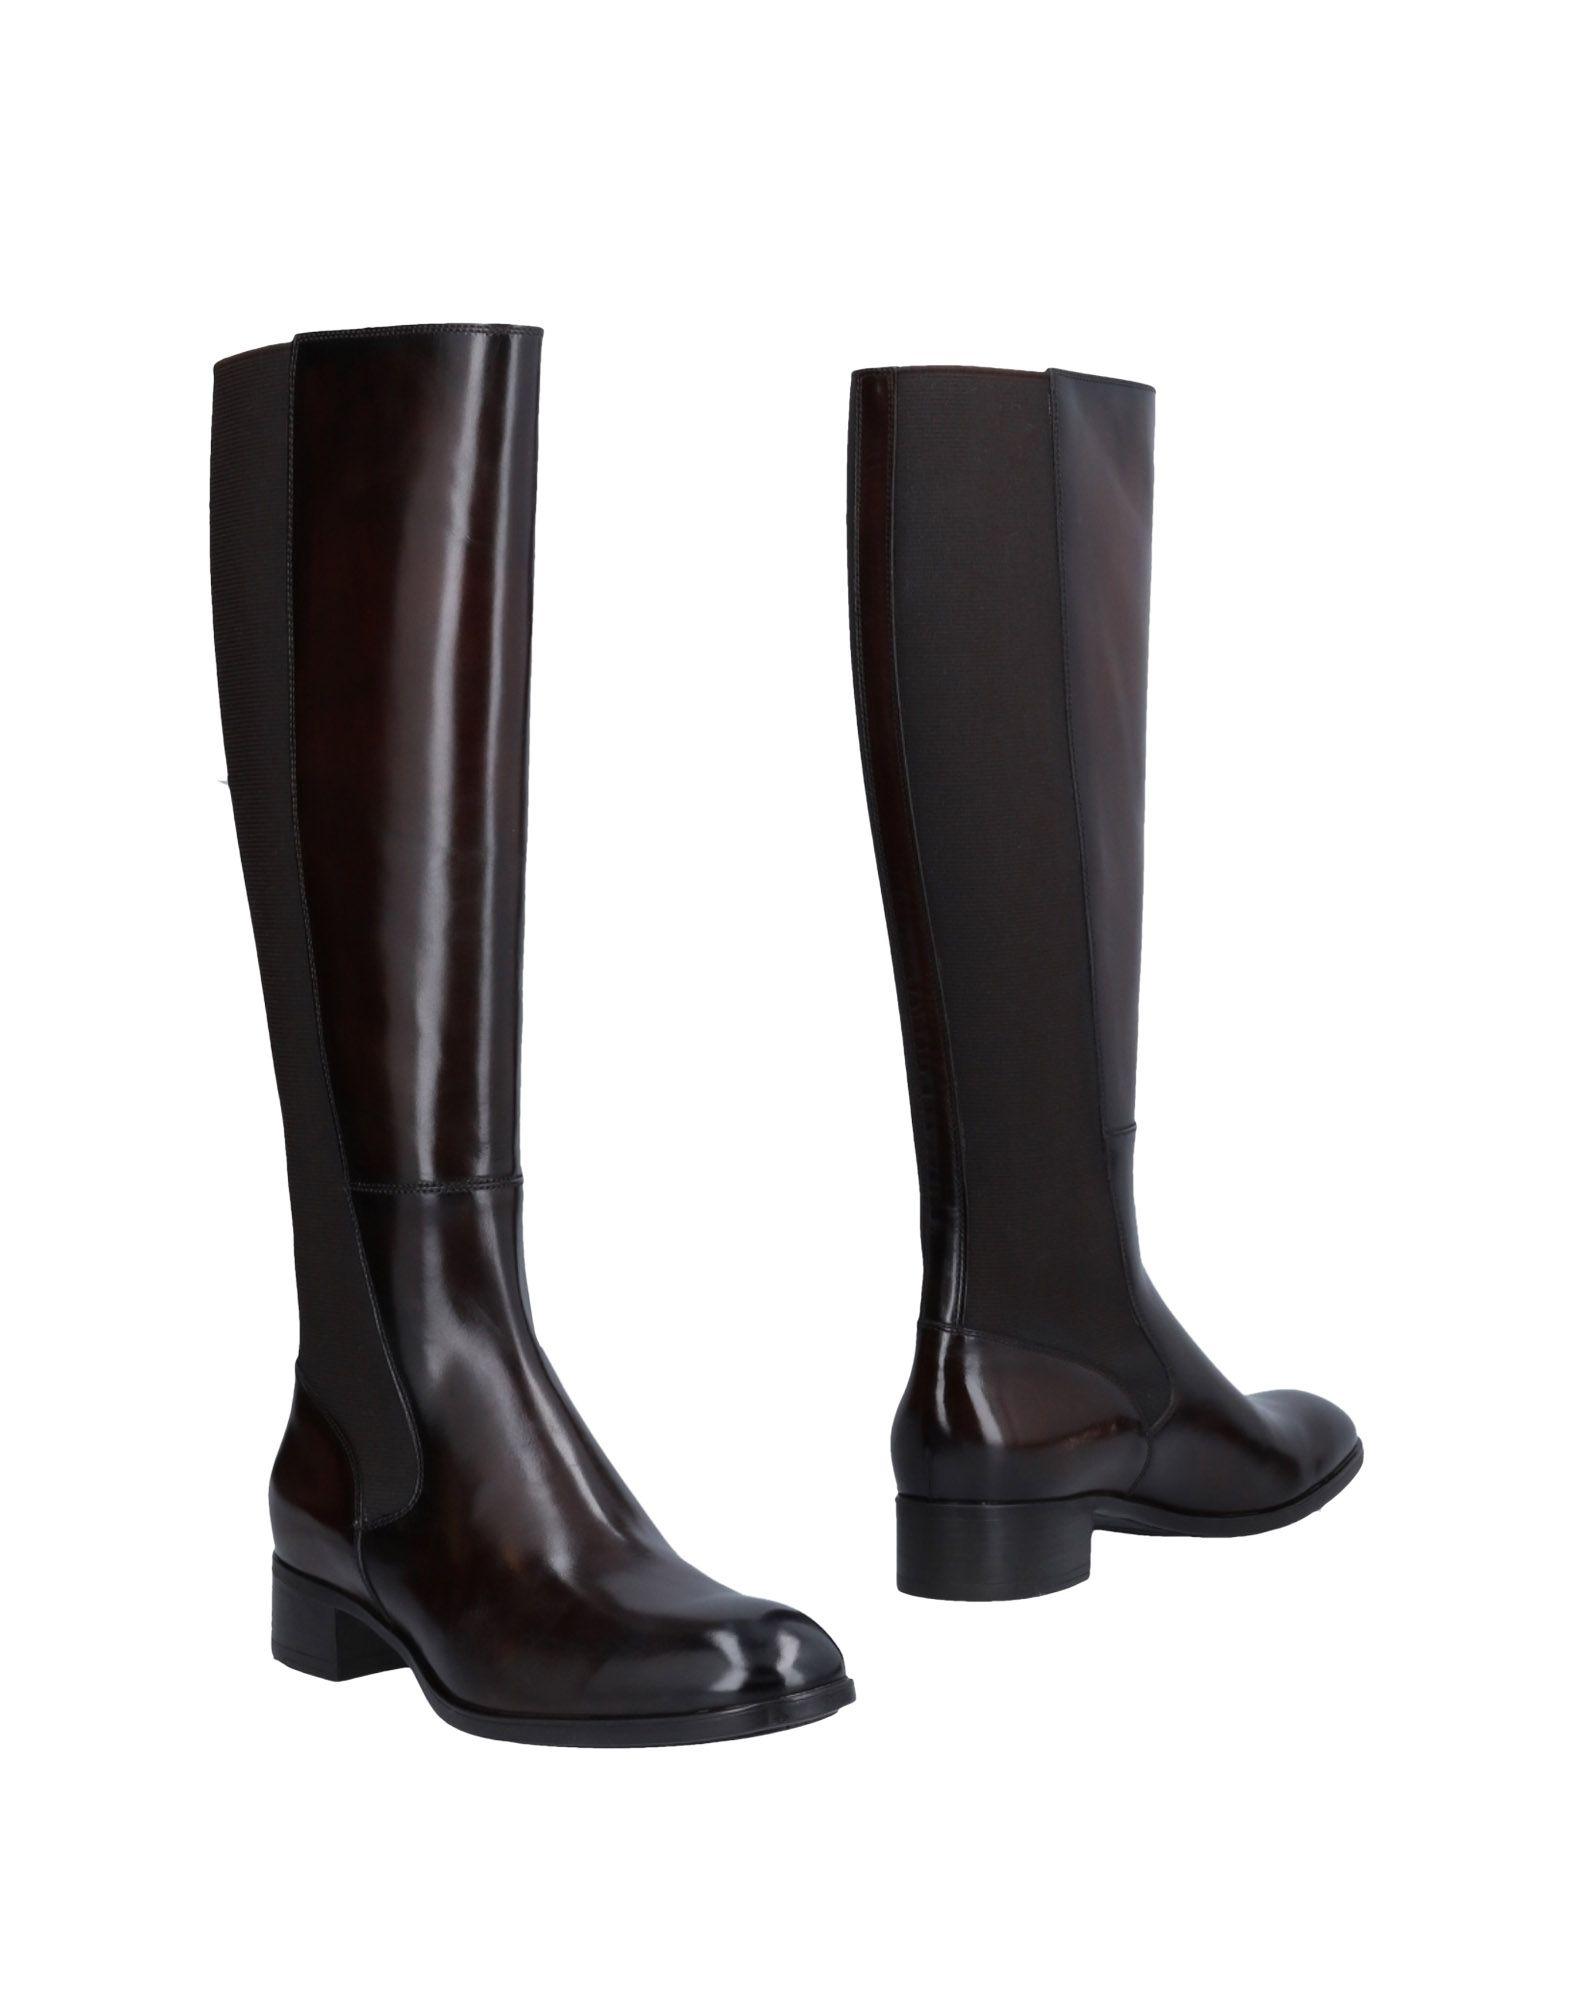 Stivali Santoni Donna - 11478865VL Scarpe economiche e buone